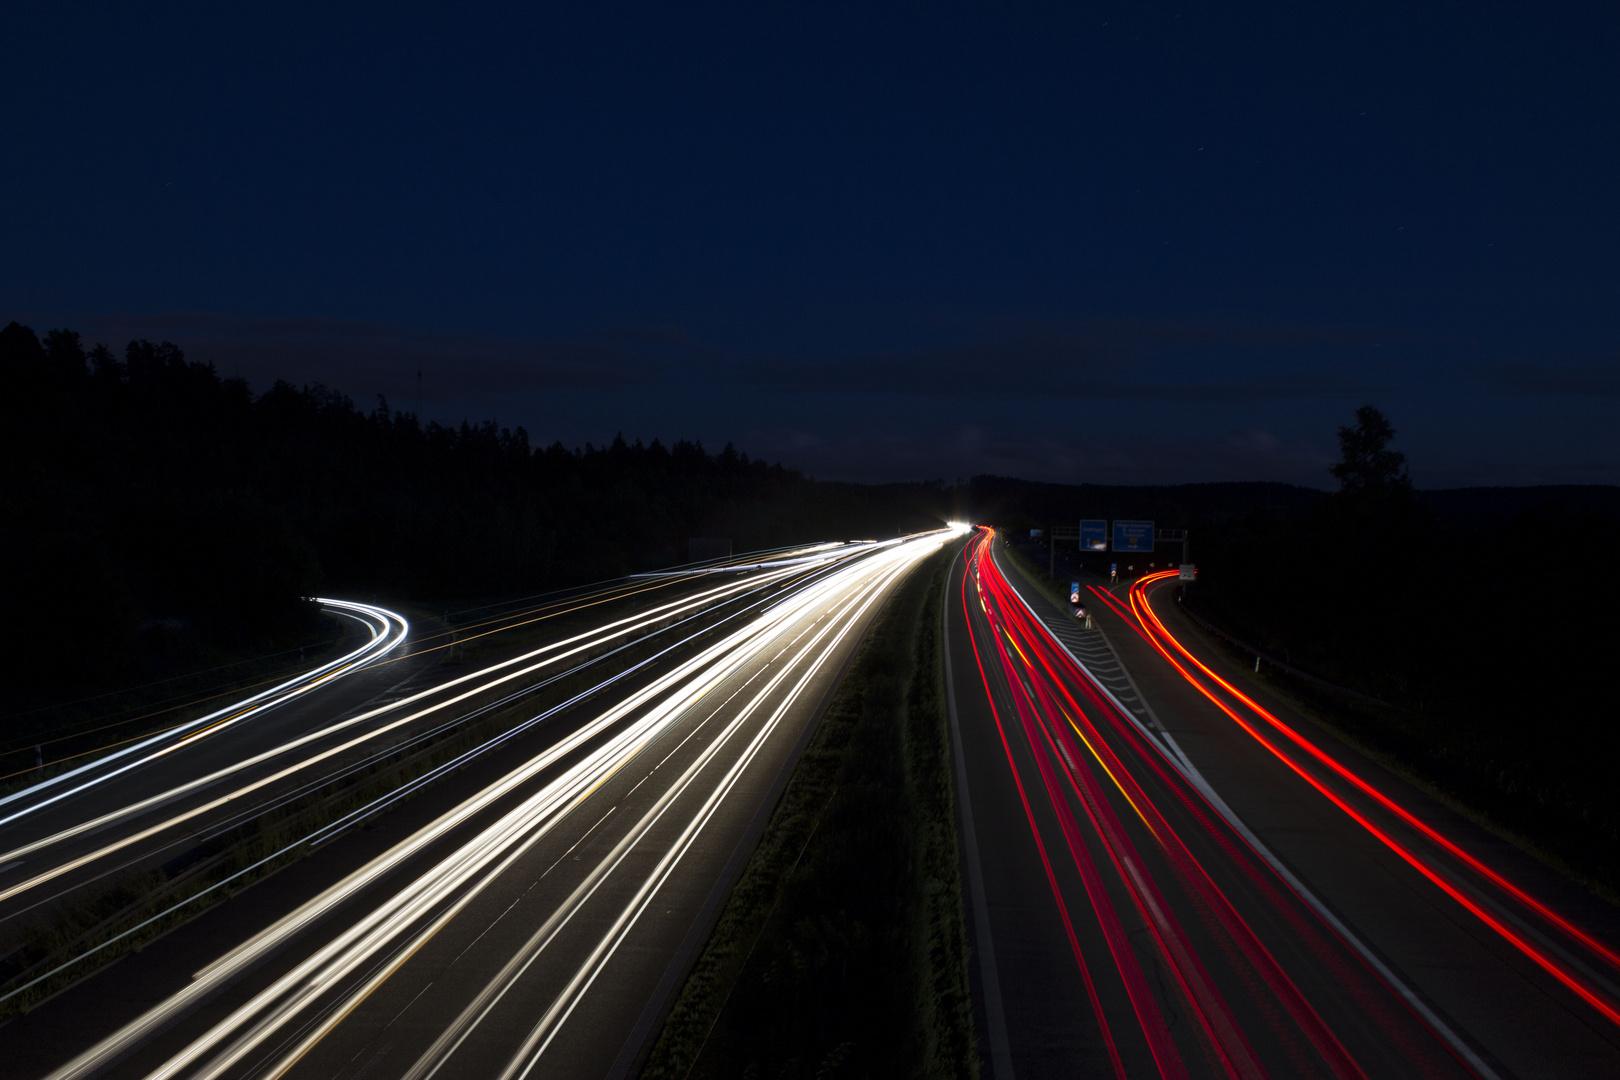 Night light street